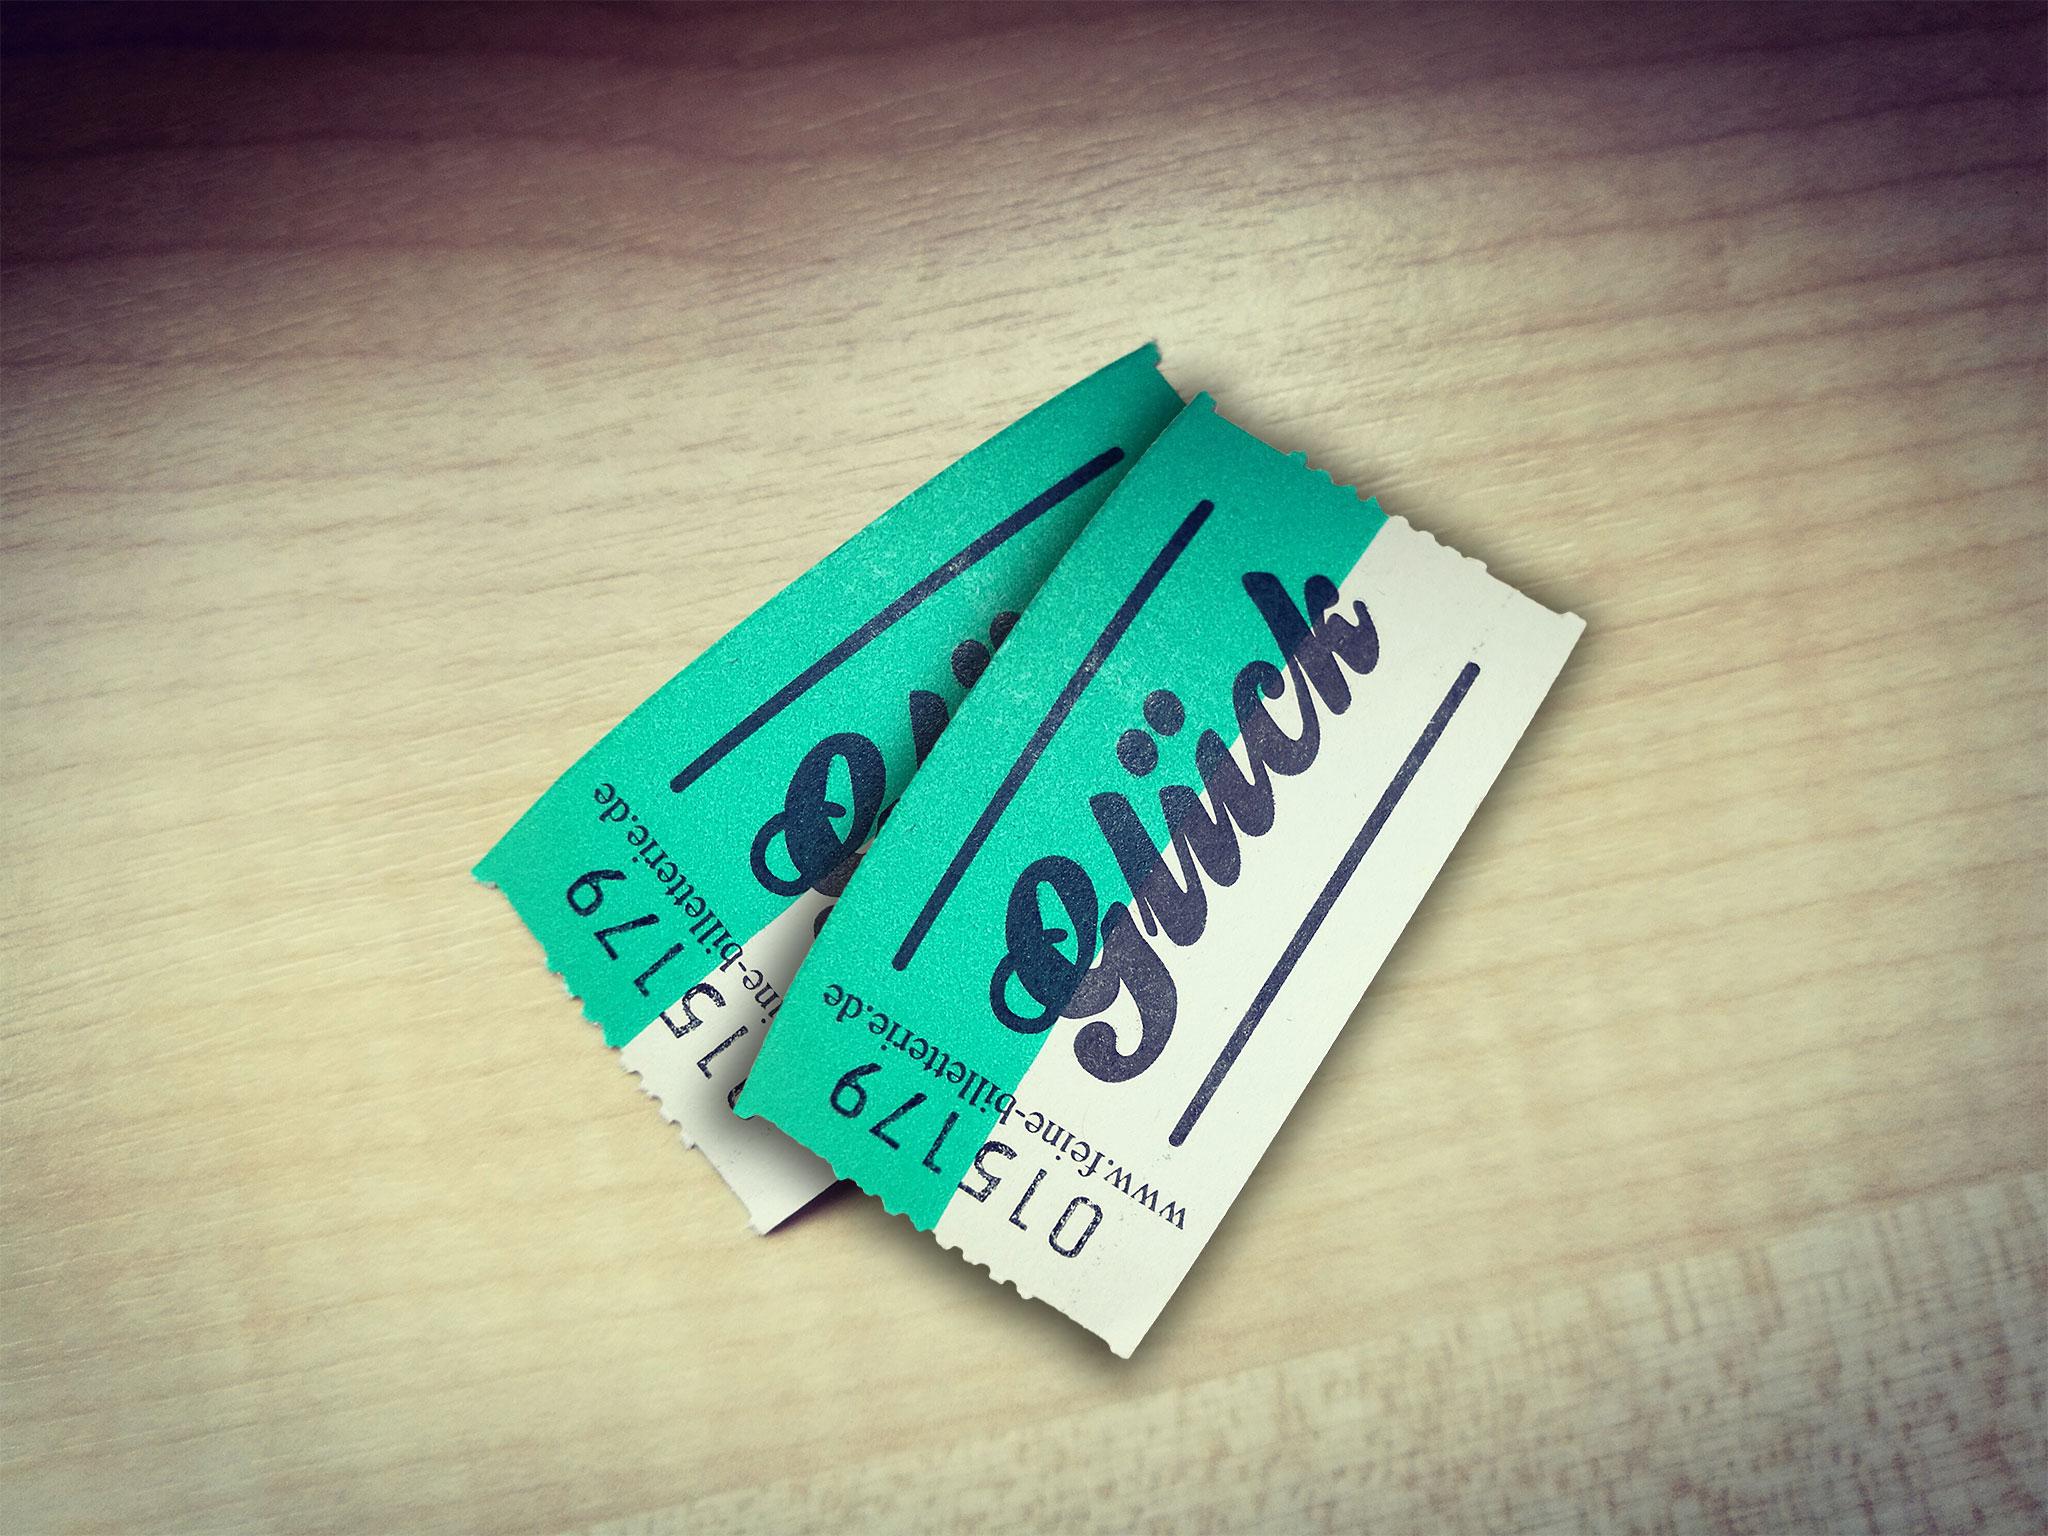 Zwei Tickets zum Glück